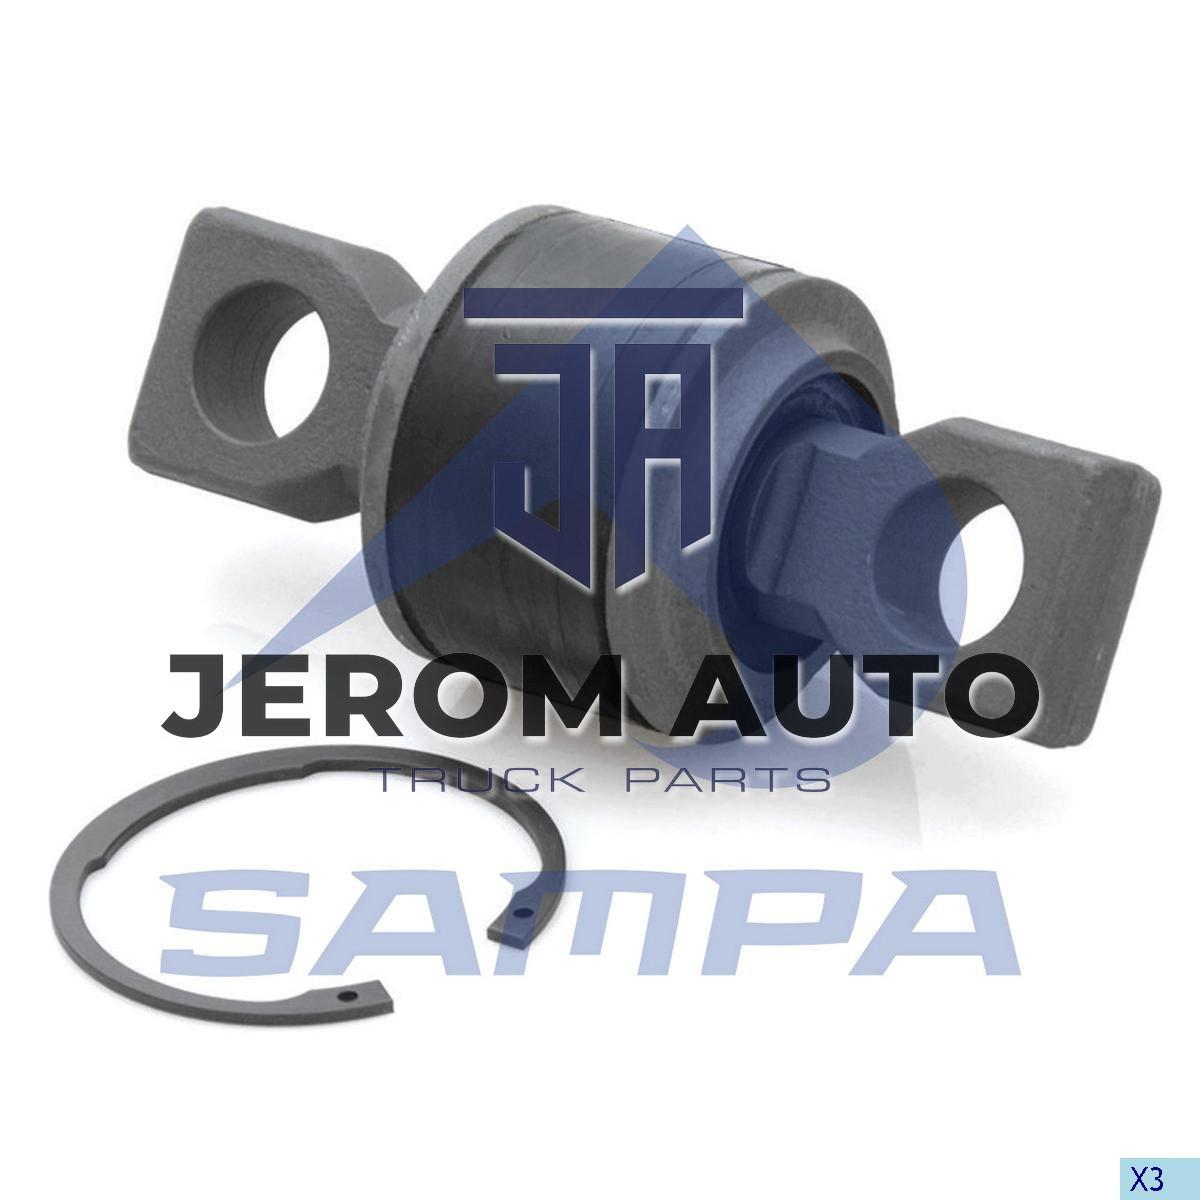 Ремкомплект тяги лучевой Mercedes Actros d75xd25/130 \0003502205 \ 010.635